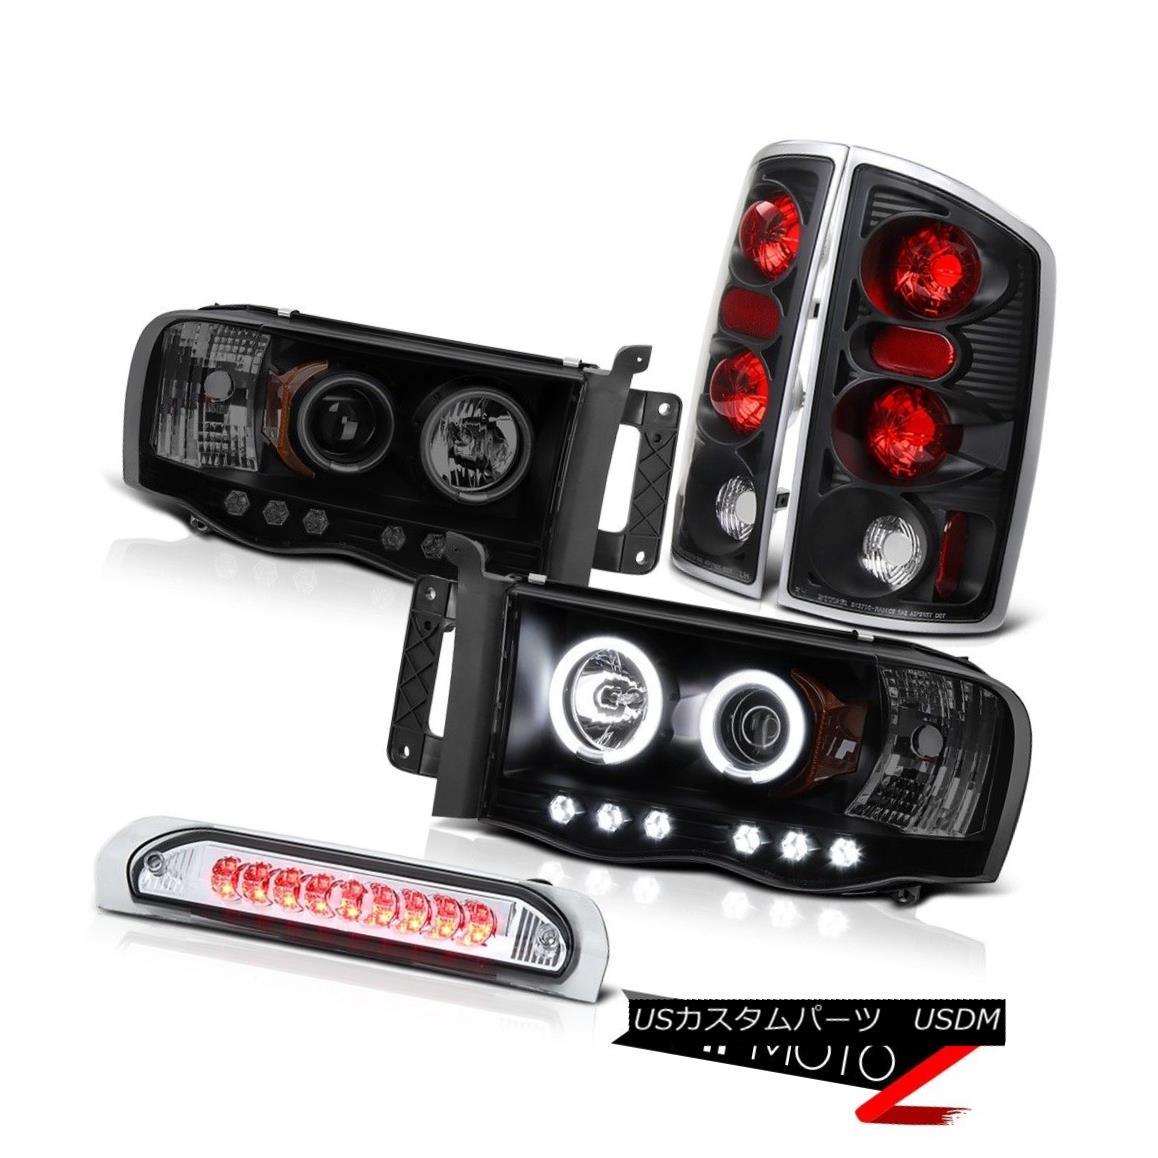 ヘッドライト 02-05 Ram Magnum 8.0L ST Projector CCFL Angel Eye Headlamps Rear Signal Tail 02-05ラムマグナム8.0L STプロジェクターCCFLエンジェルアイヘッドランプリアシグナルテール